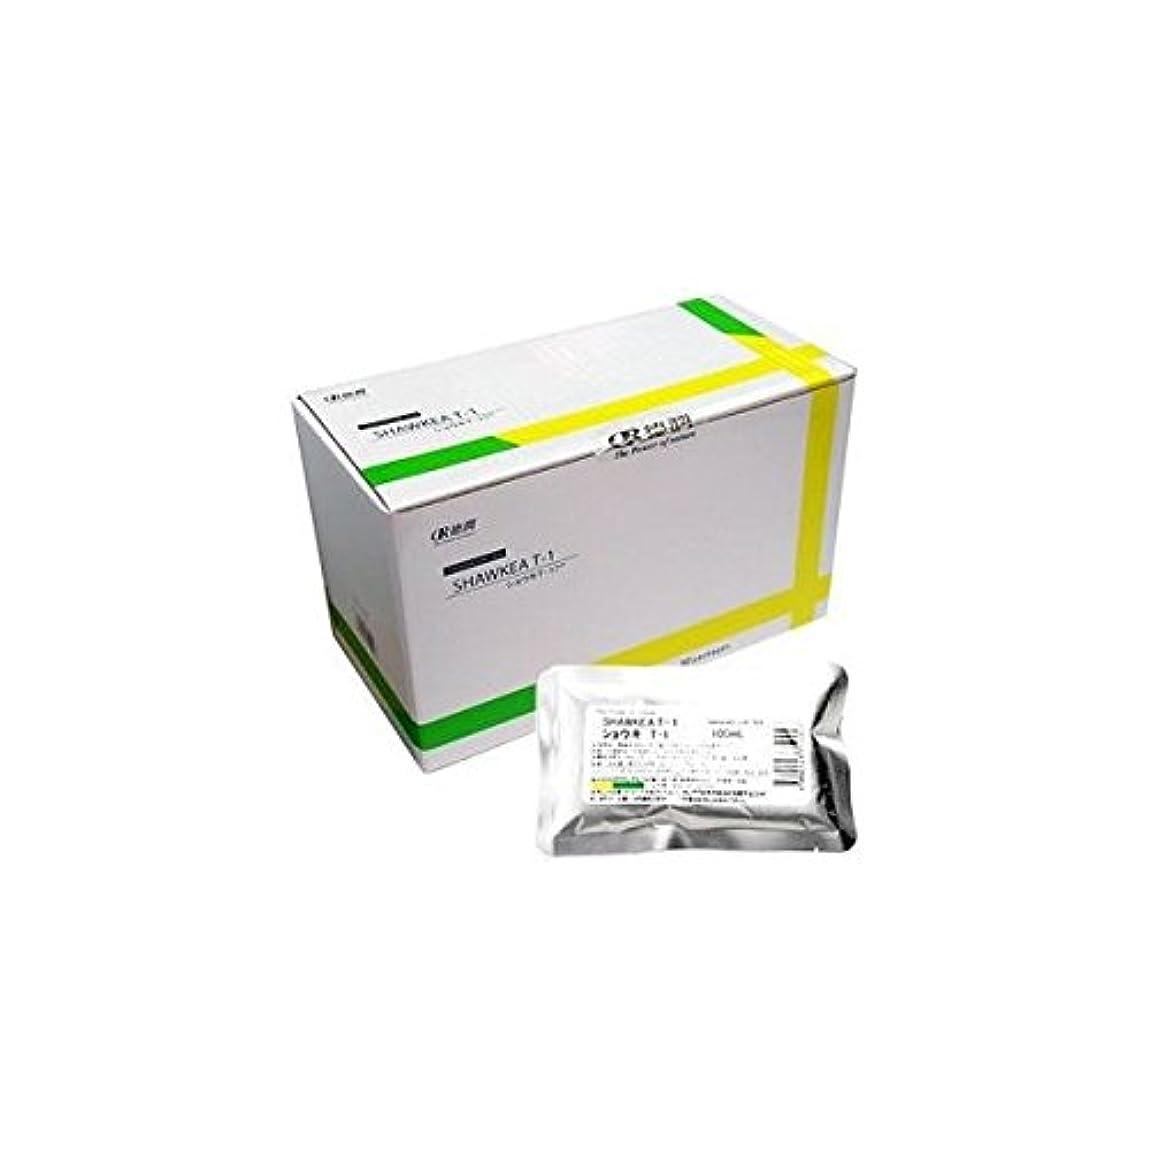 ばかげたホイップ病な【P&G】ウエラトーン ツープラスワン(2+1) クリーム 5G(60g+60gl+7.3ml) (医薬部外品)(お買い得3個セット)